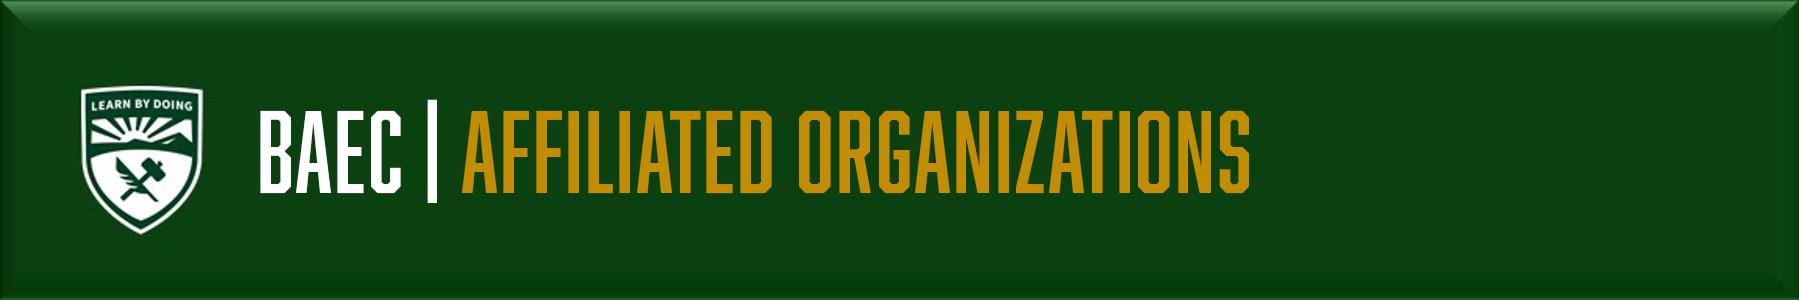 BAEC - Affiliated Orgs